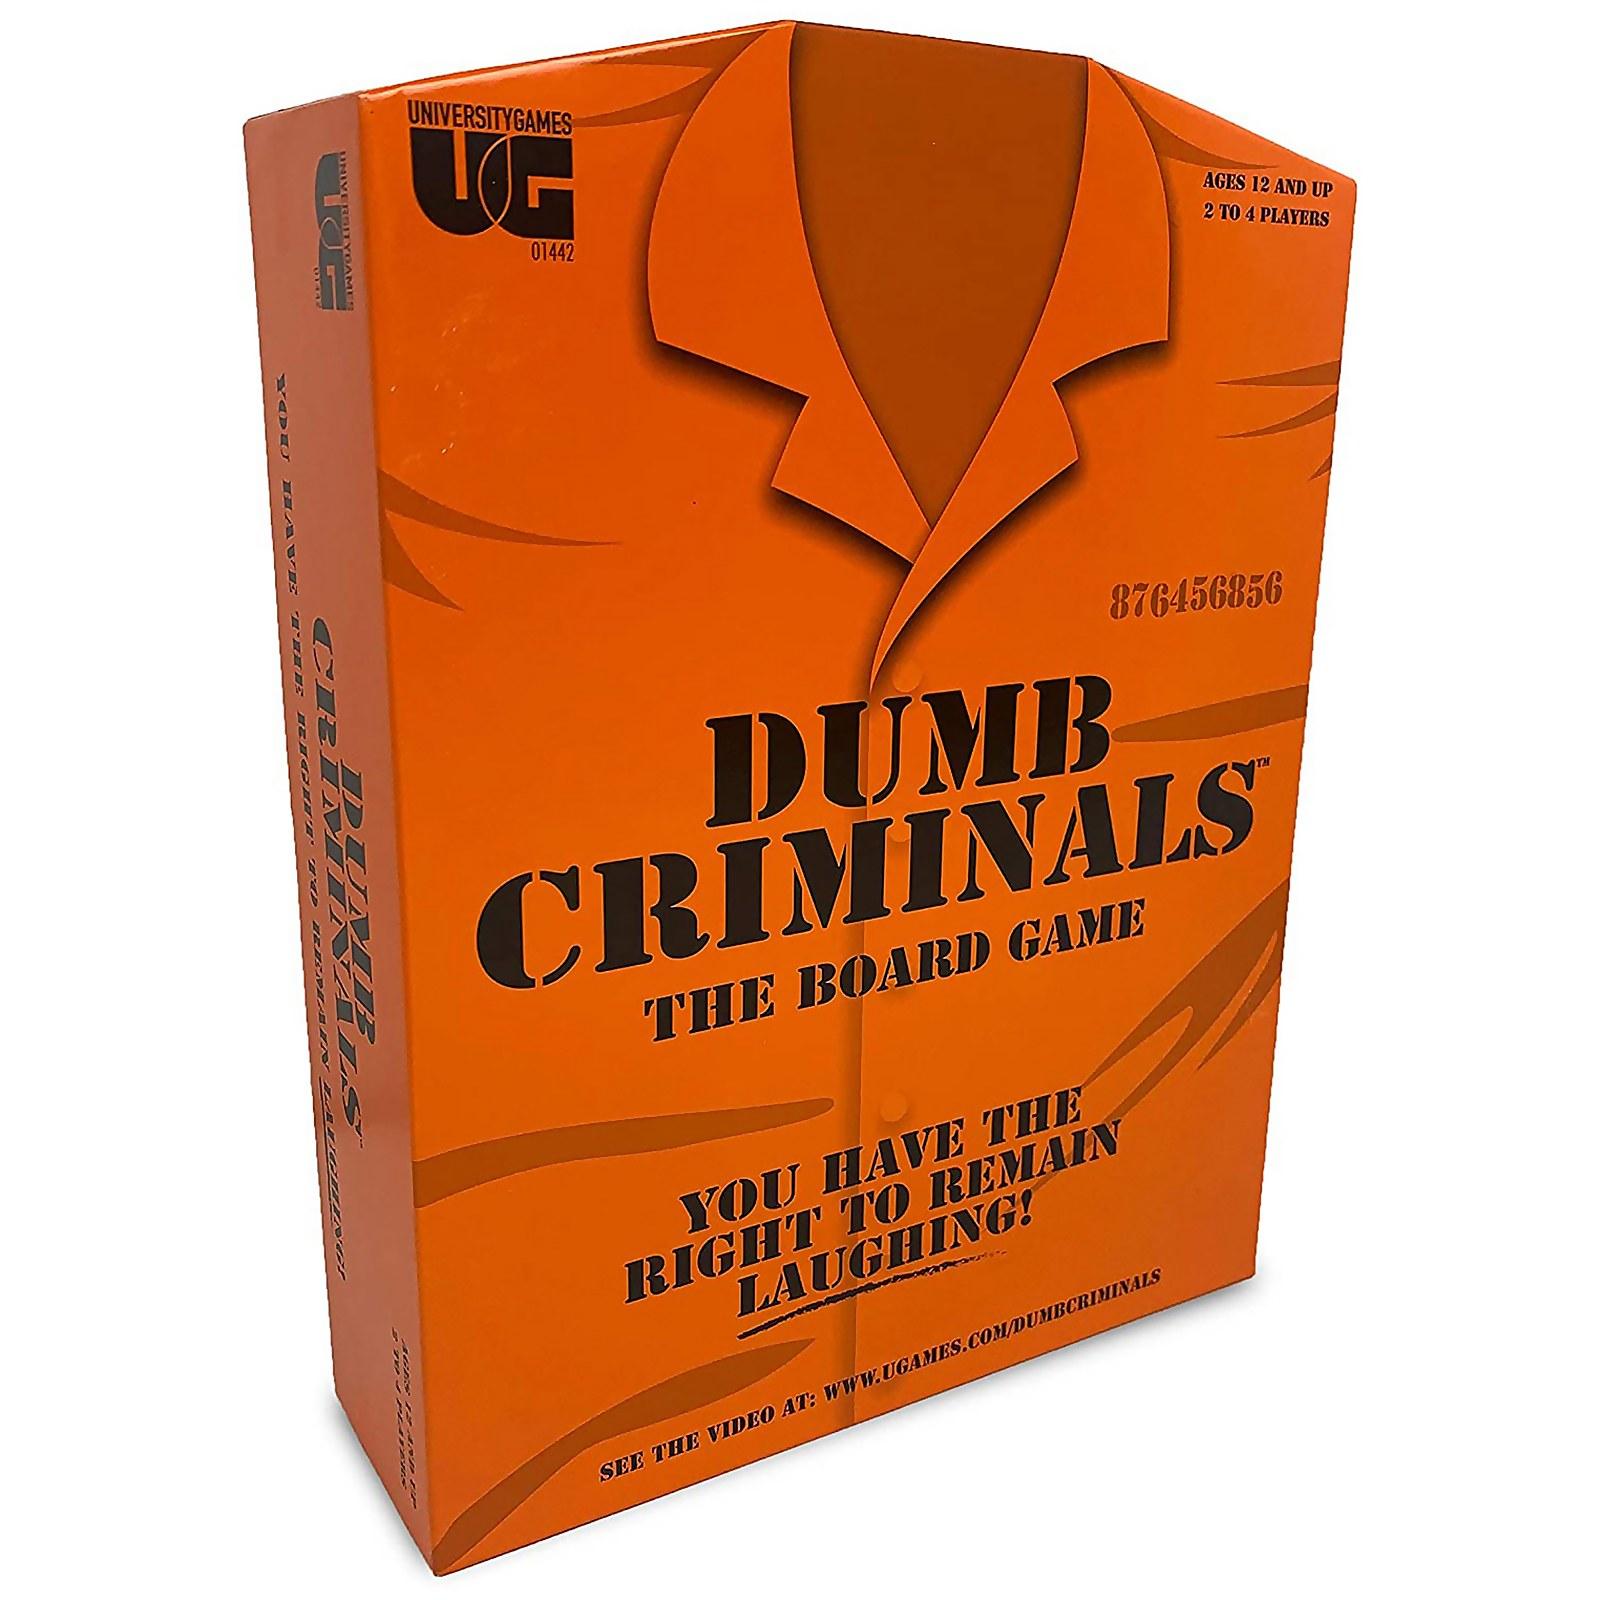 Image of Dumb Criminals Board Game